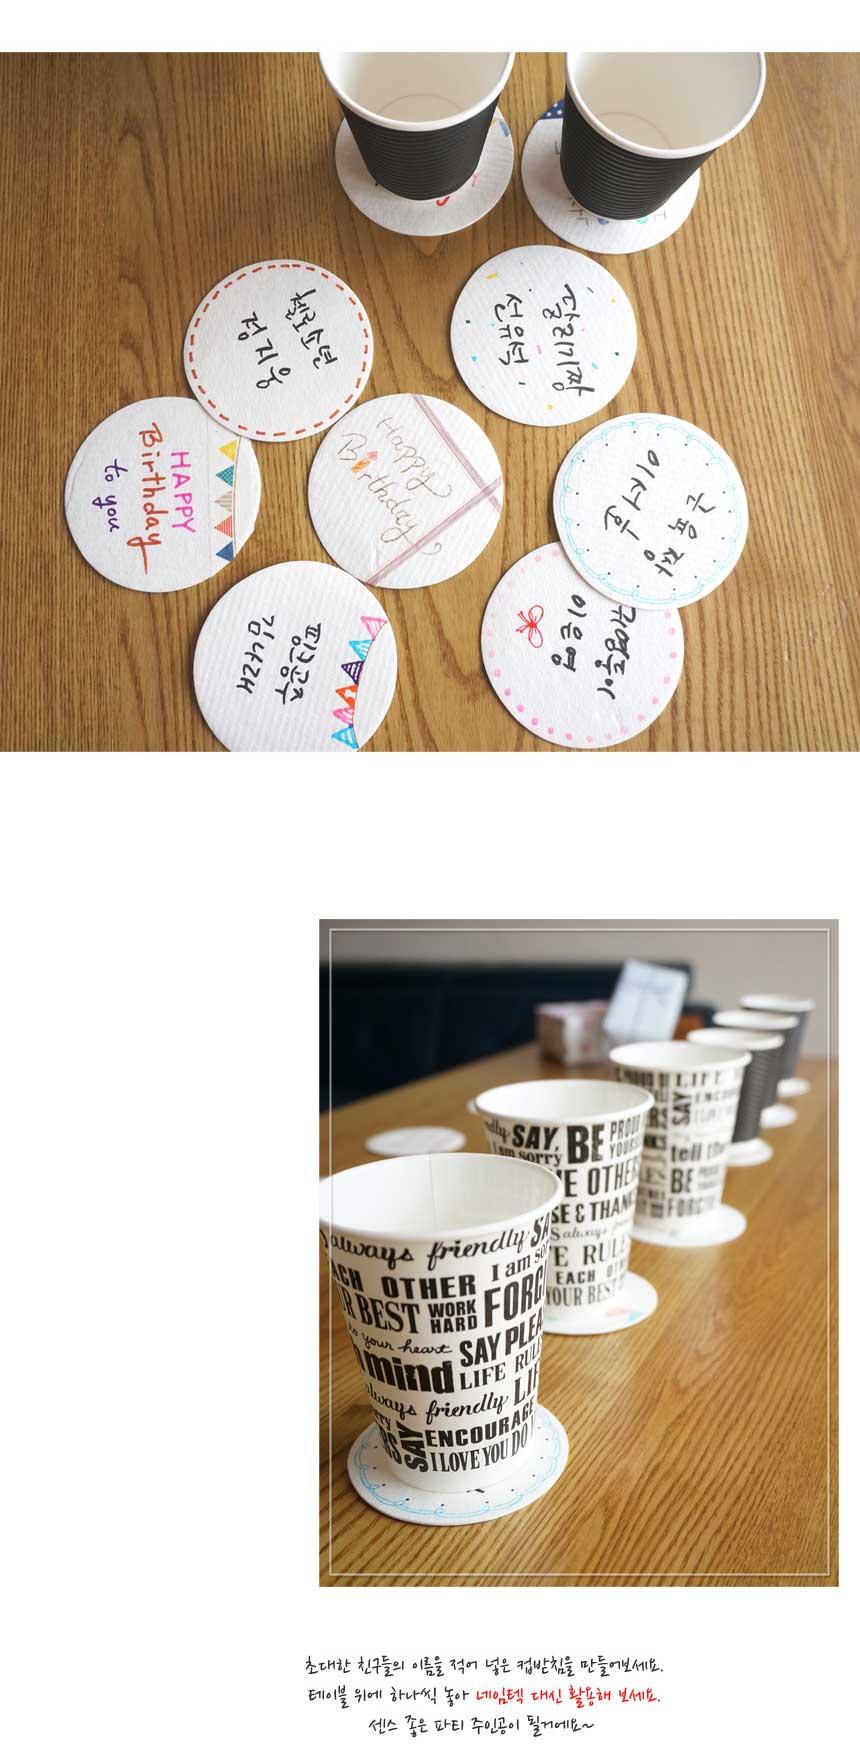 내가 만든 원형 컵받침 -10개- 종이티코스터 - 작은이야기, 1,700원, 파티용품, 데코/장식용품